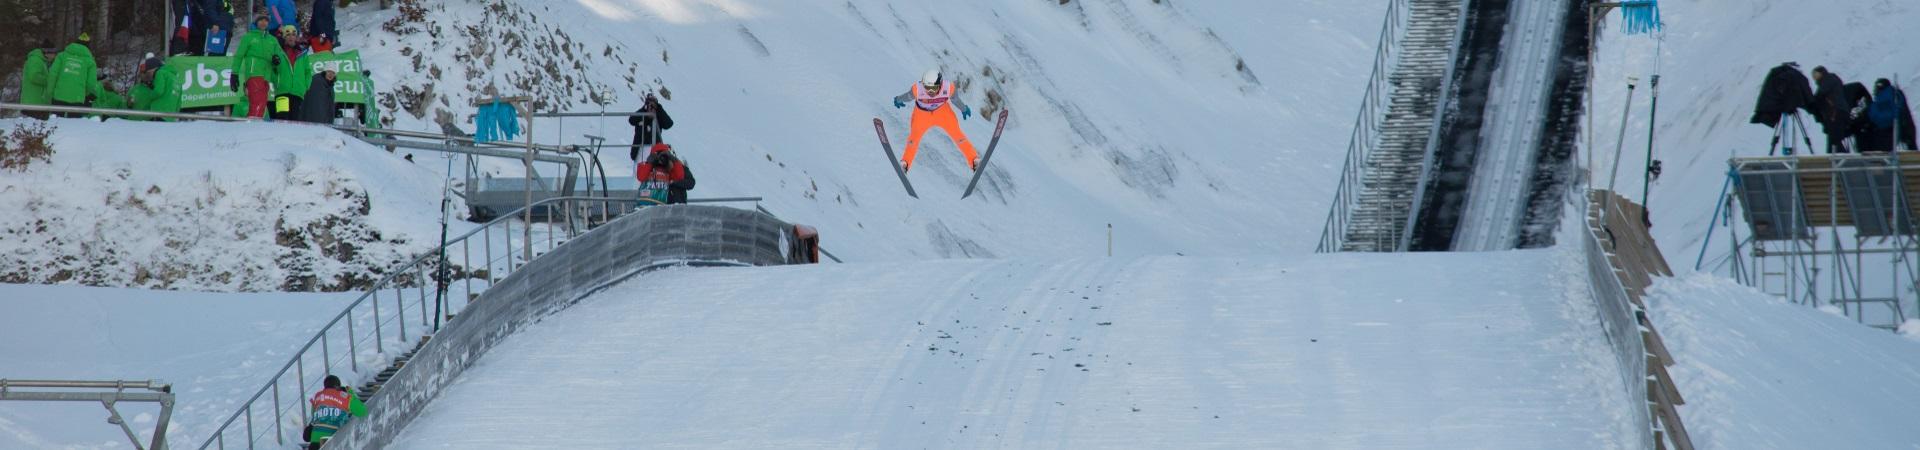 photo : Lionel Georges, 21 janvier 2017, saut a ski,